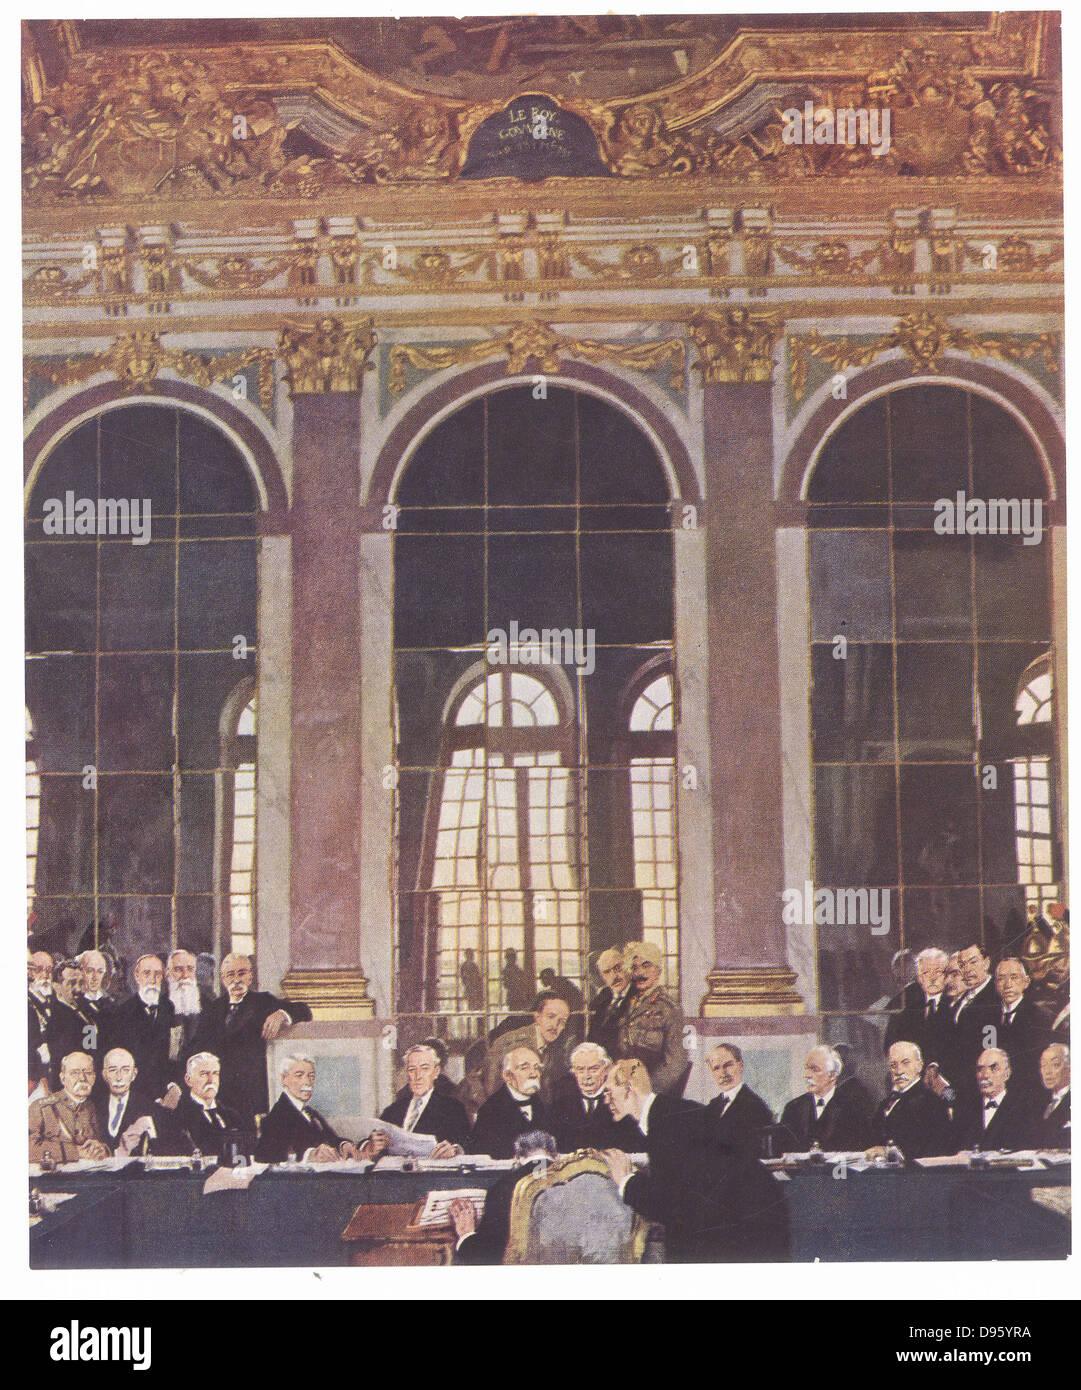 Erster Weltkrieg Unterzeichnen Vertrag Von Versailles In Die Hall